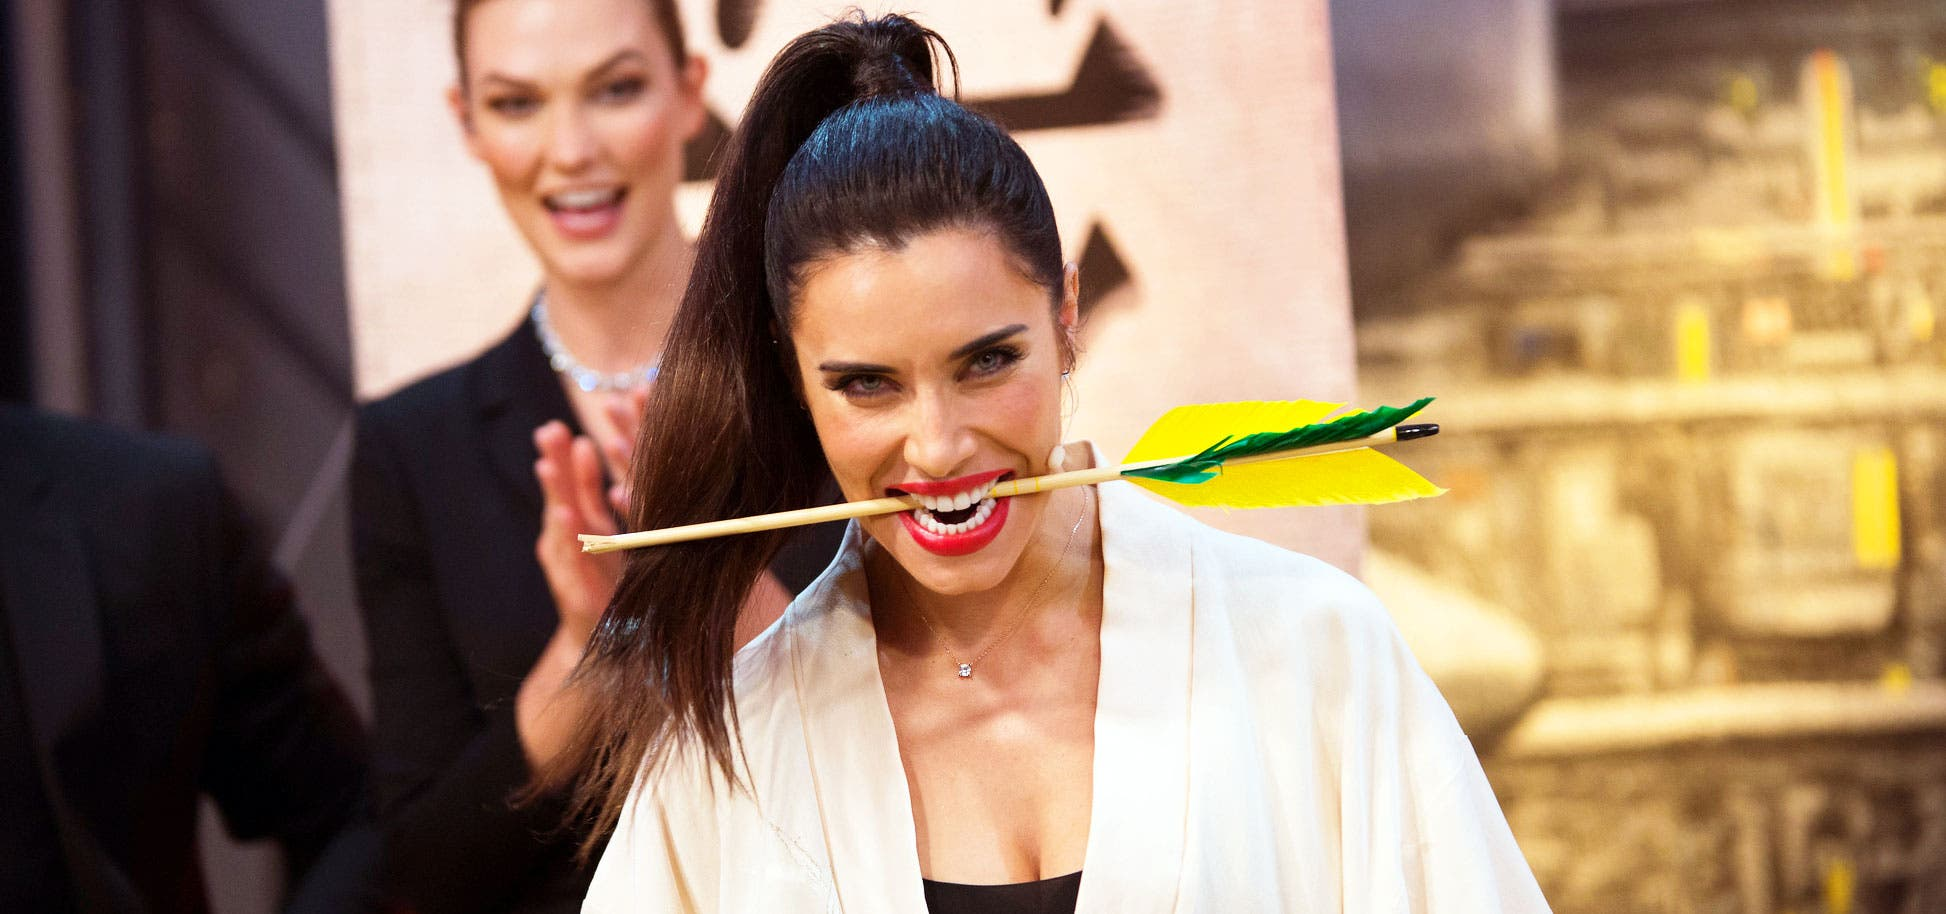 Pilar Rubio consigue lo imposible: Parte en dos, con una katana, una flecha que iba a 180 km/h